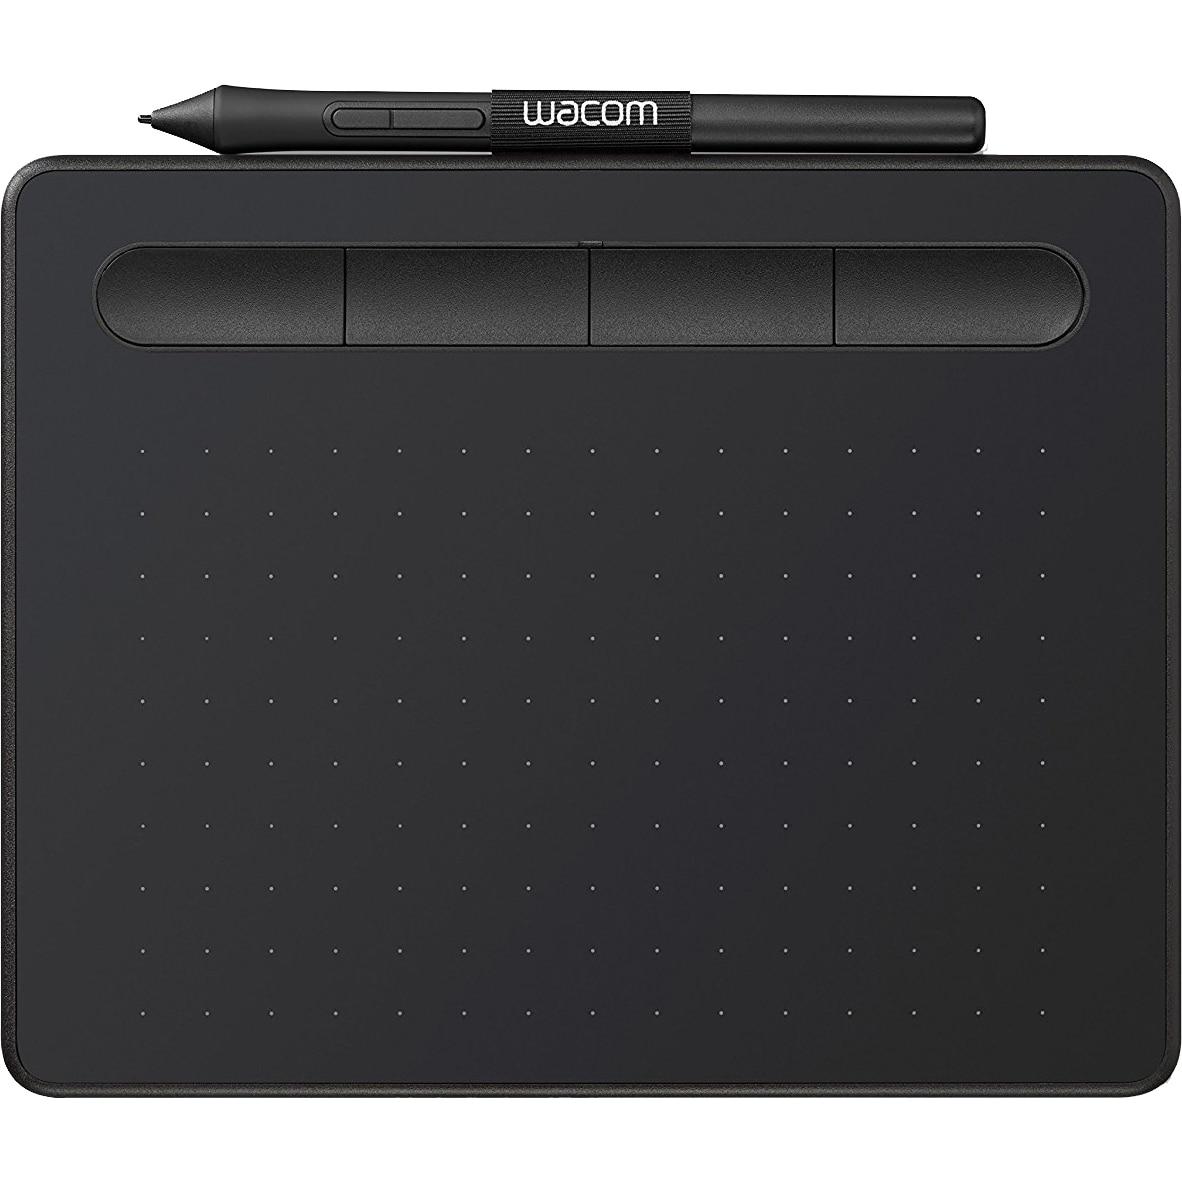 Fotografie Tableta grafica Wacom Intuos S, Negru